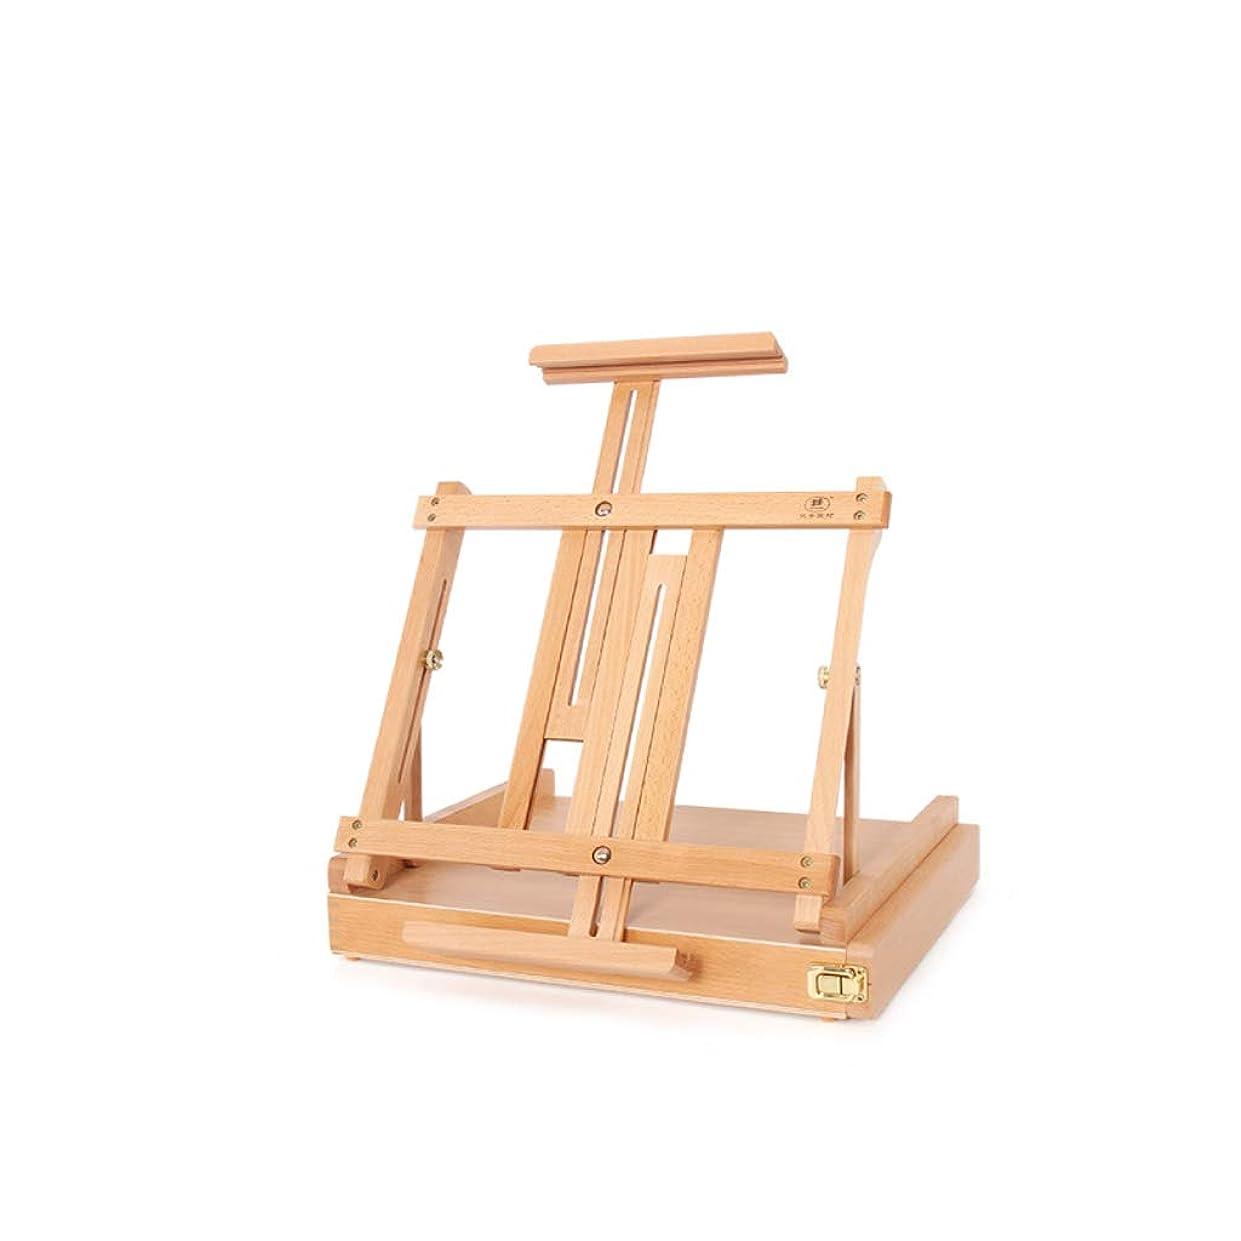 素晴らしき護衛煩わしいイーゼルDWWSP 学生のための多機能折り畳み木製イーゼルは、水彩ペンを格納することができますポータブルイーゼル、42 * 38 * 13(65)cm イーゼルDWWSP